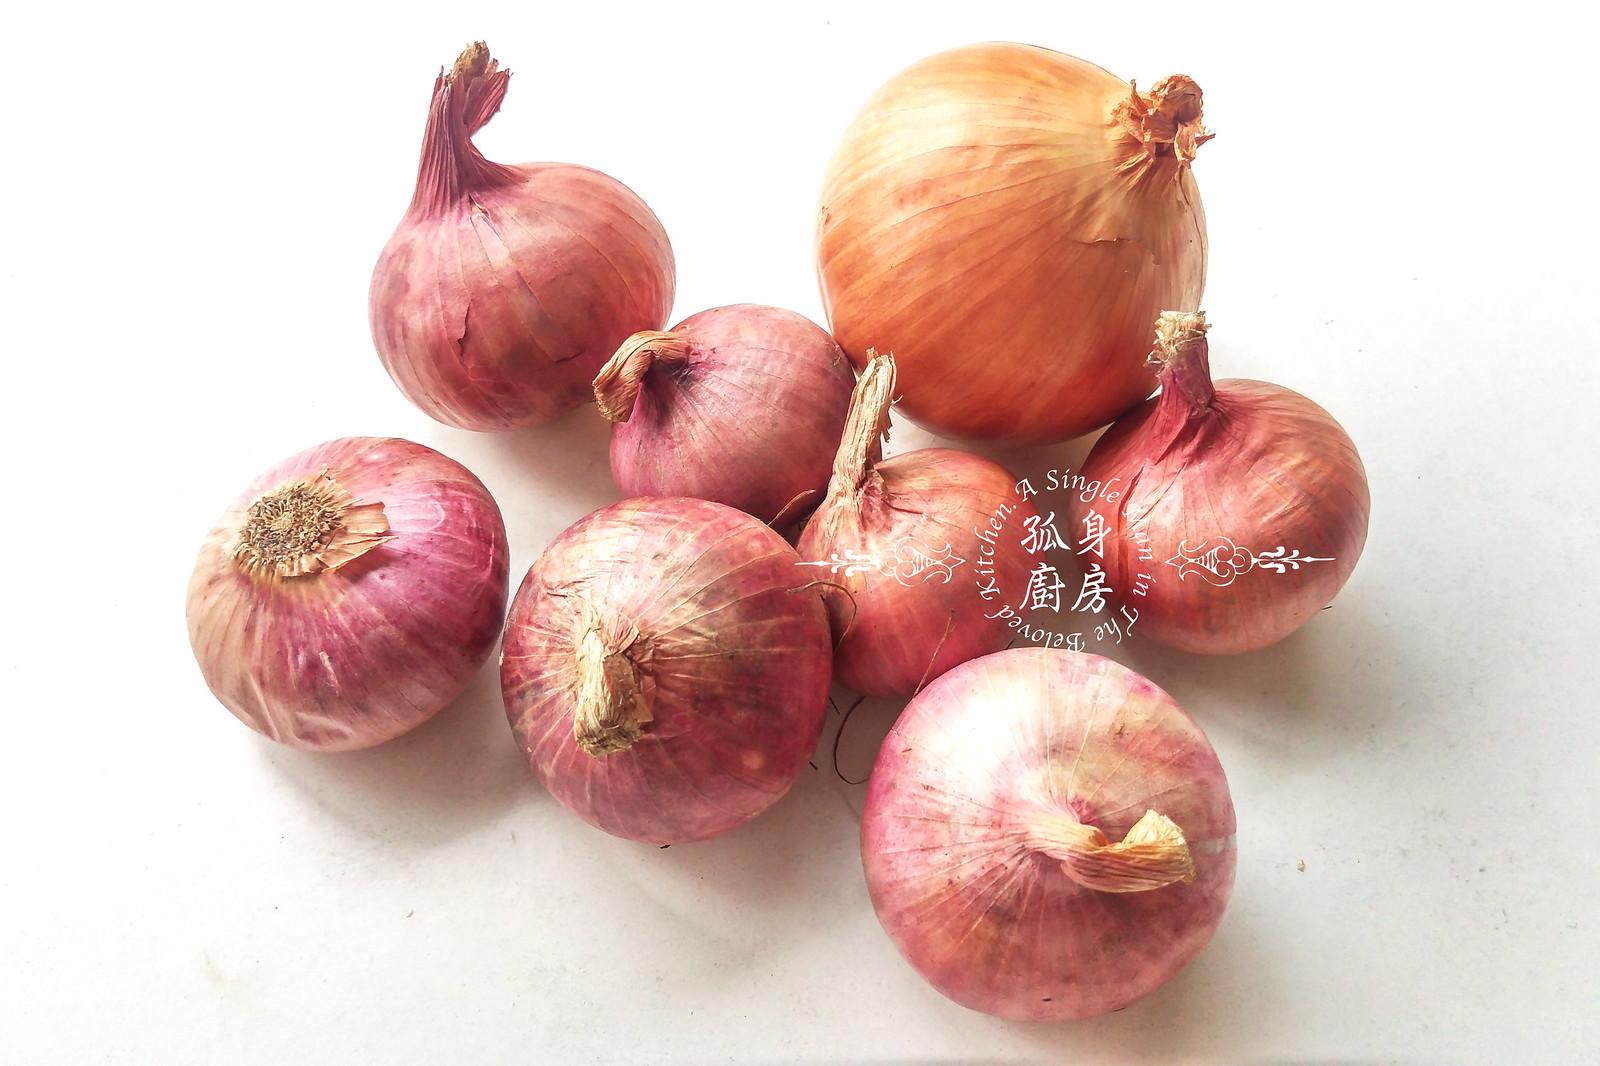 孤身廚房-毛蔥頭——加外掛版的洋蔥+紅蔥頭!超好用!3